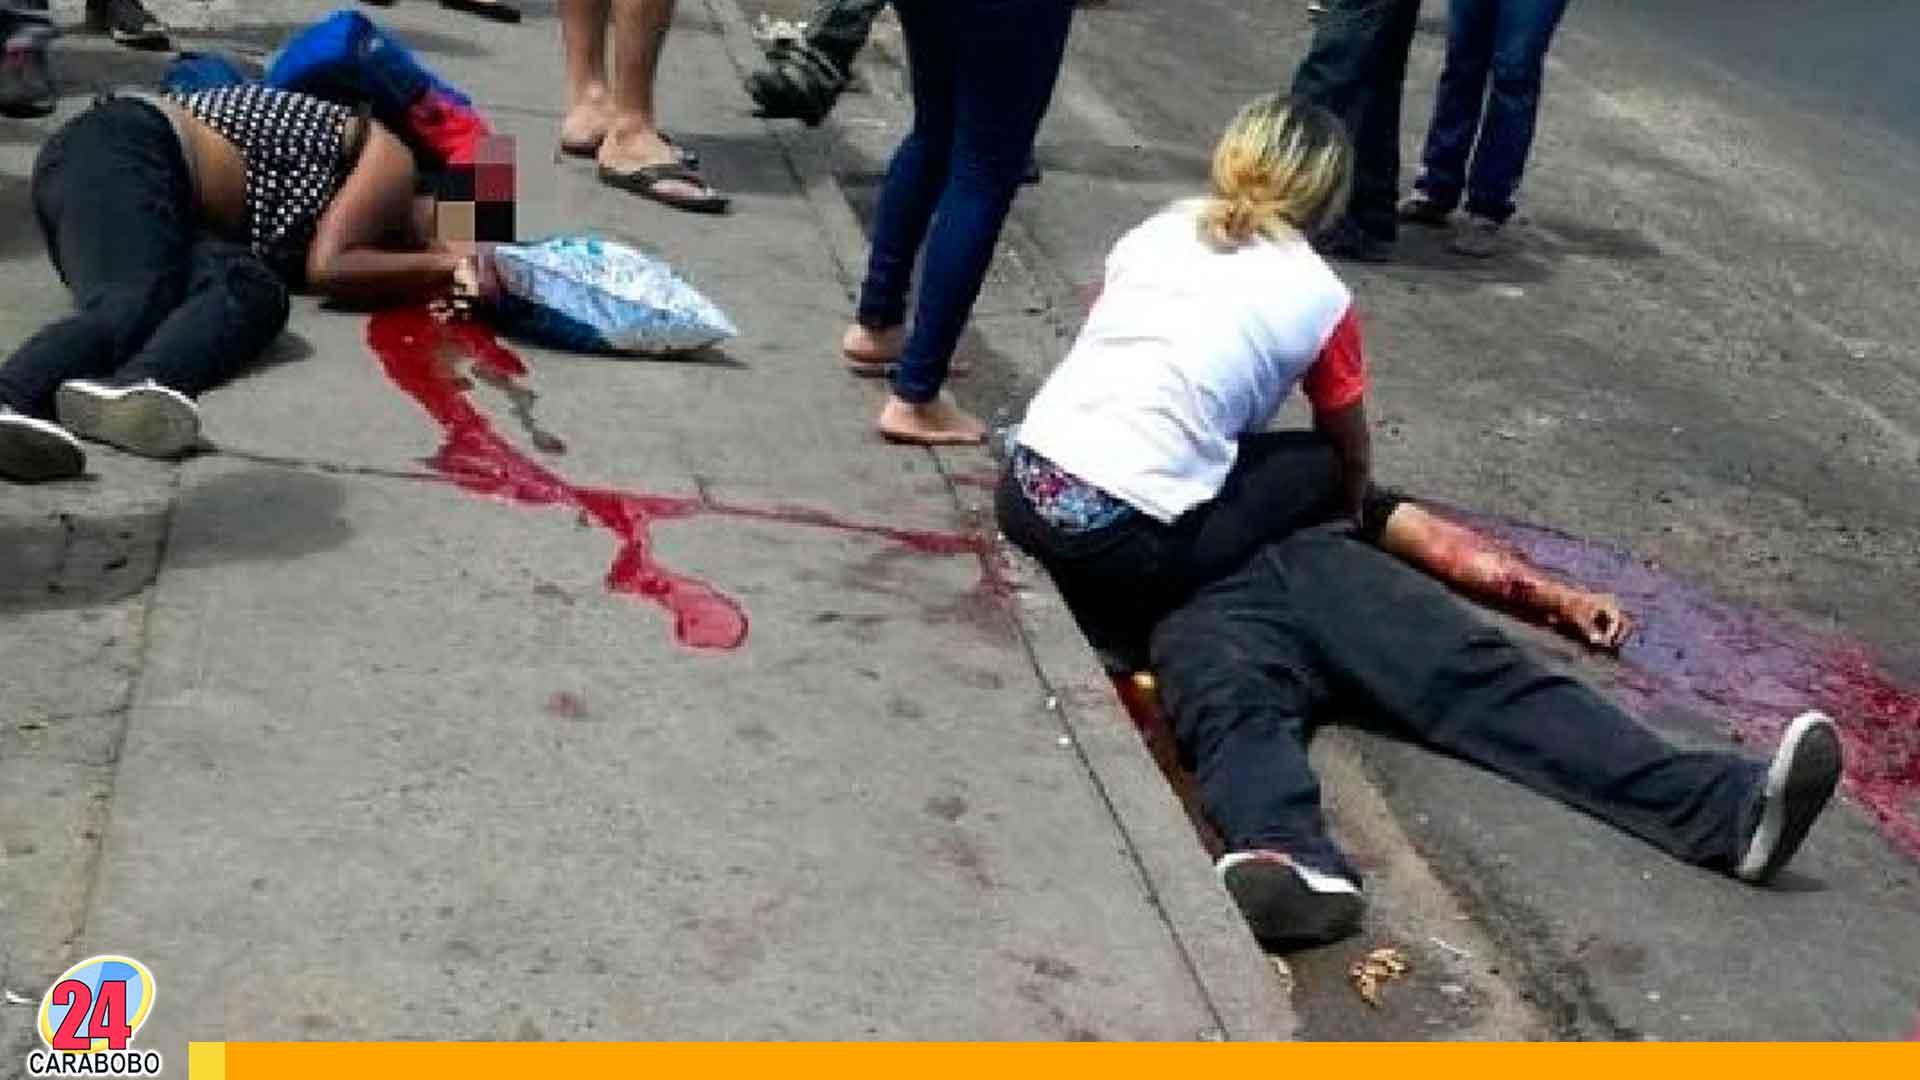 Noticias 24 Carabobo - Tragedia en San Félix